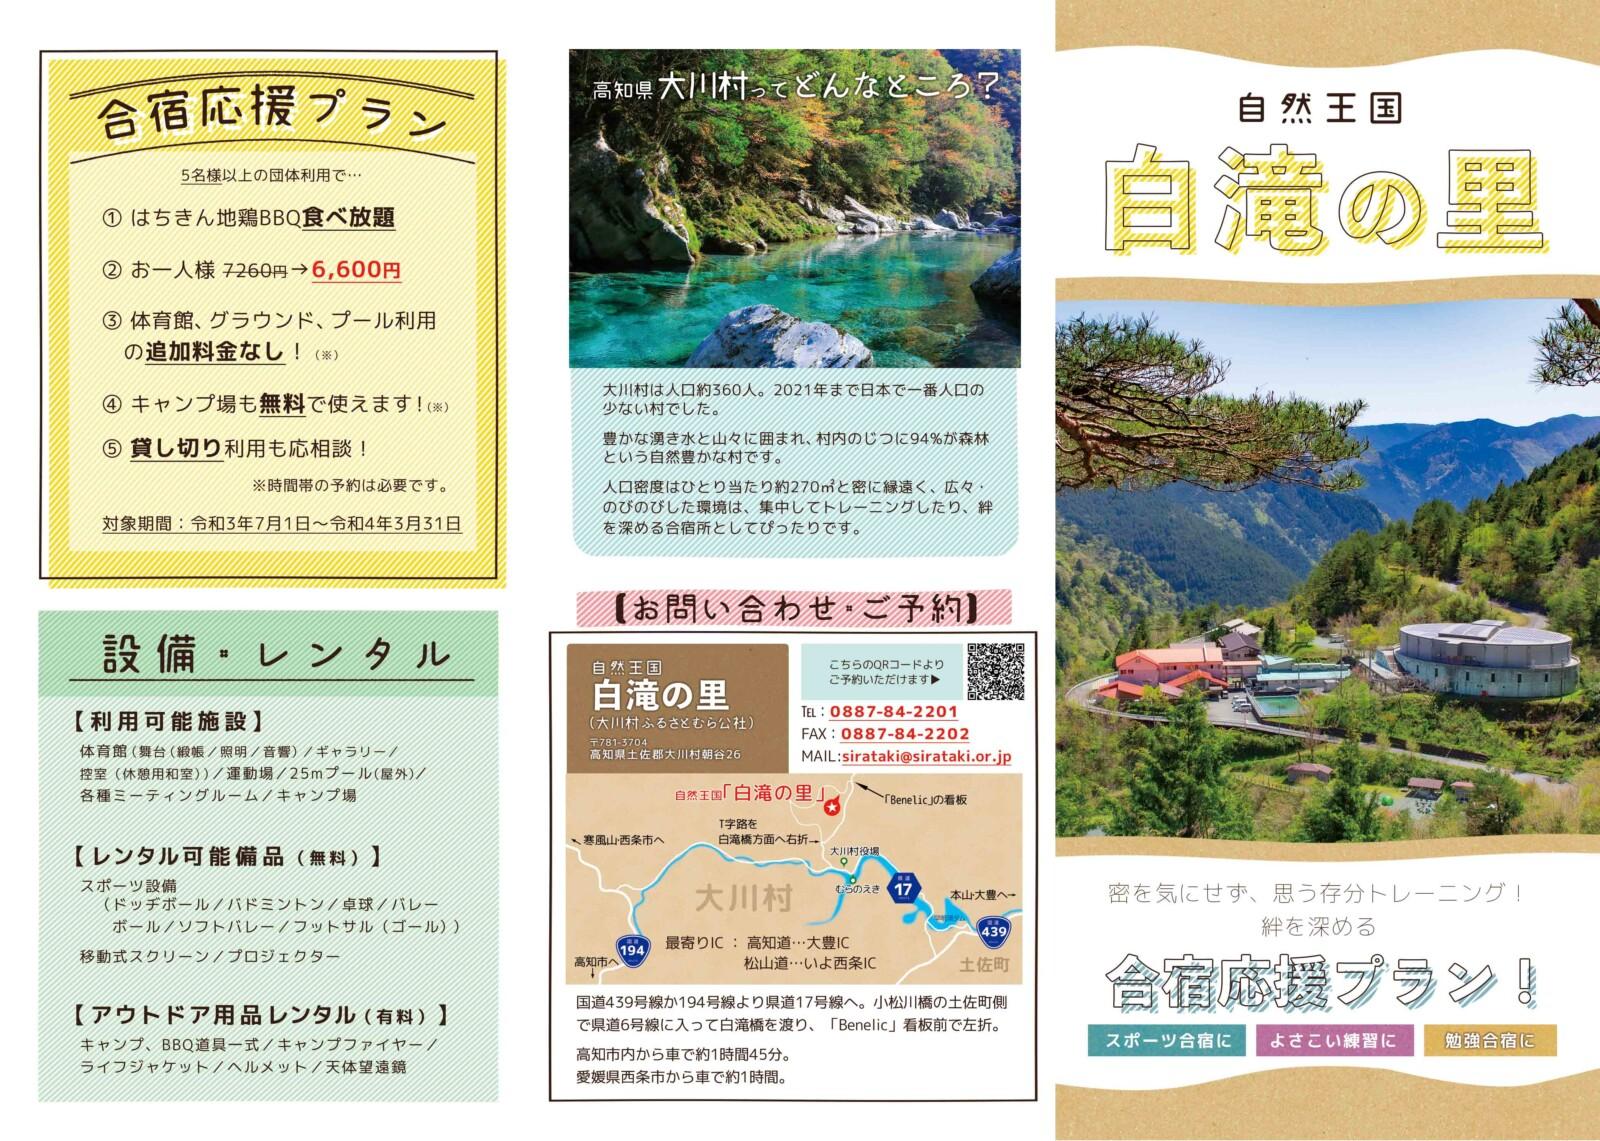 【白滝の里合宿プラン】リーフレット表